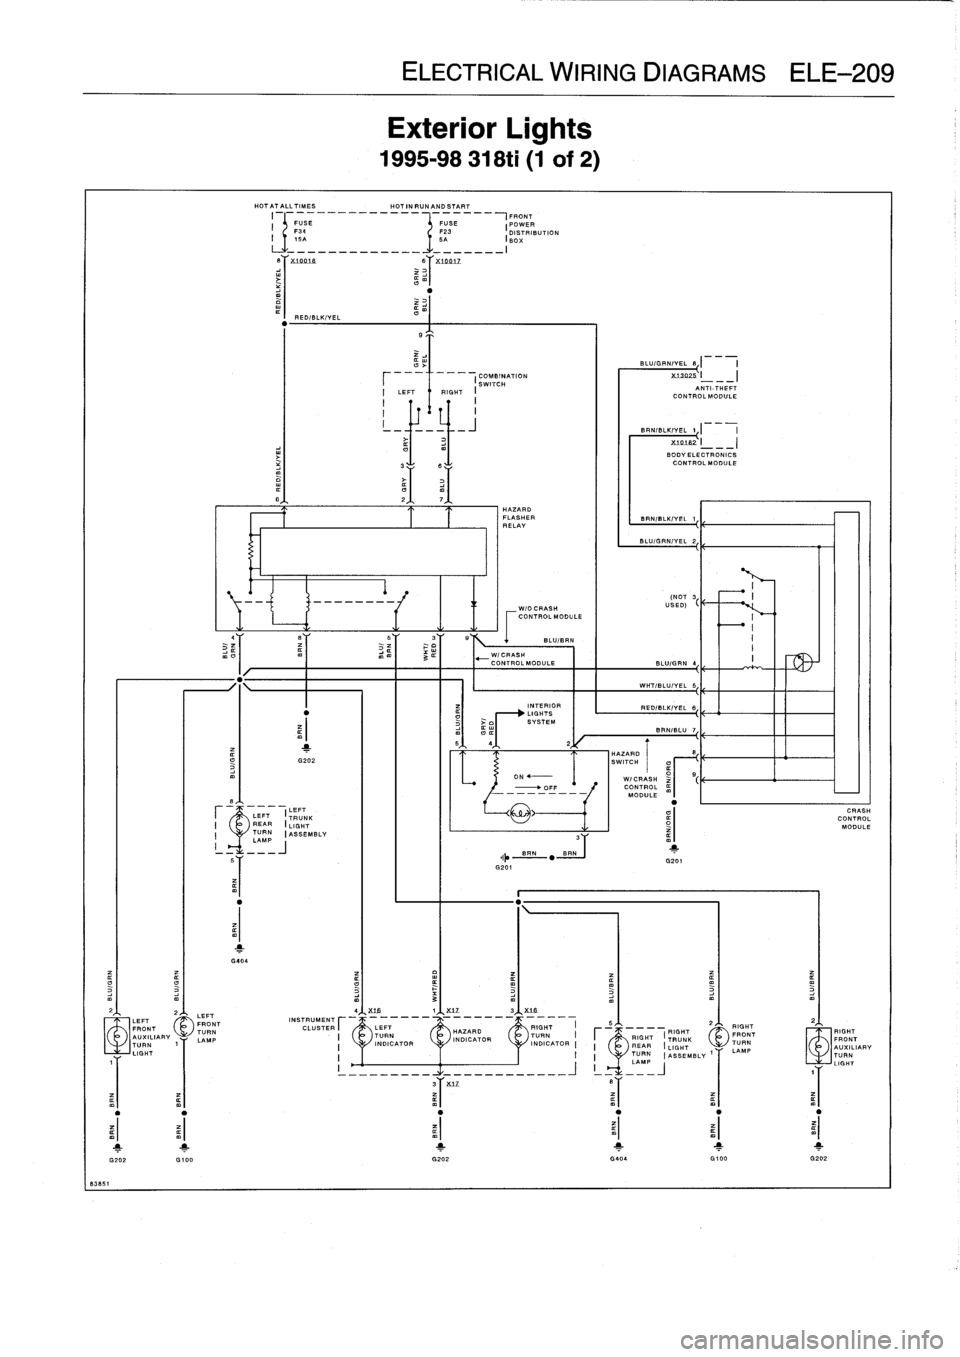 Bmw E36 Wiring Diagrams Youtube - Wiring Diagrams •